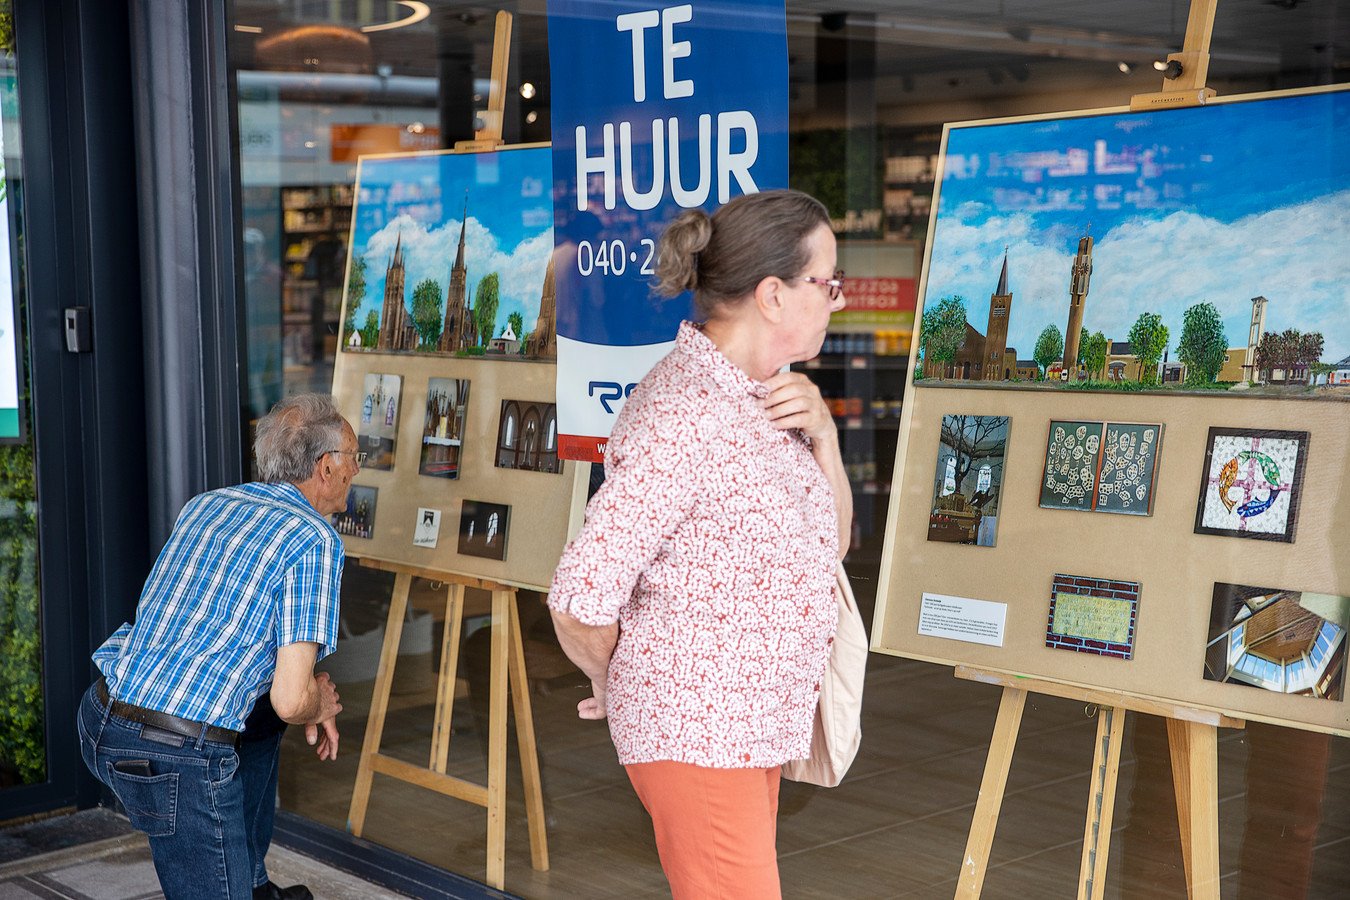 Op 24 locaties in het Citycentrum kan genoten worden van kunst binnen het thema 100 jaar Veldhoven.